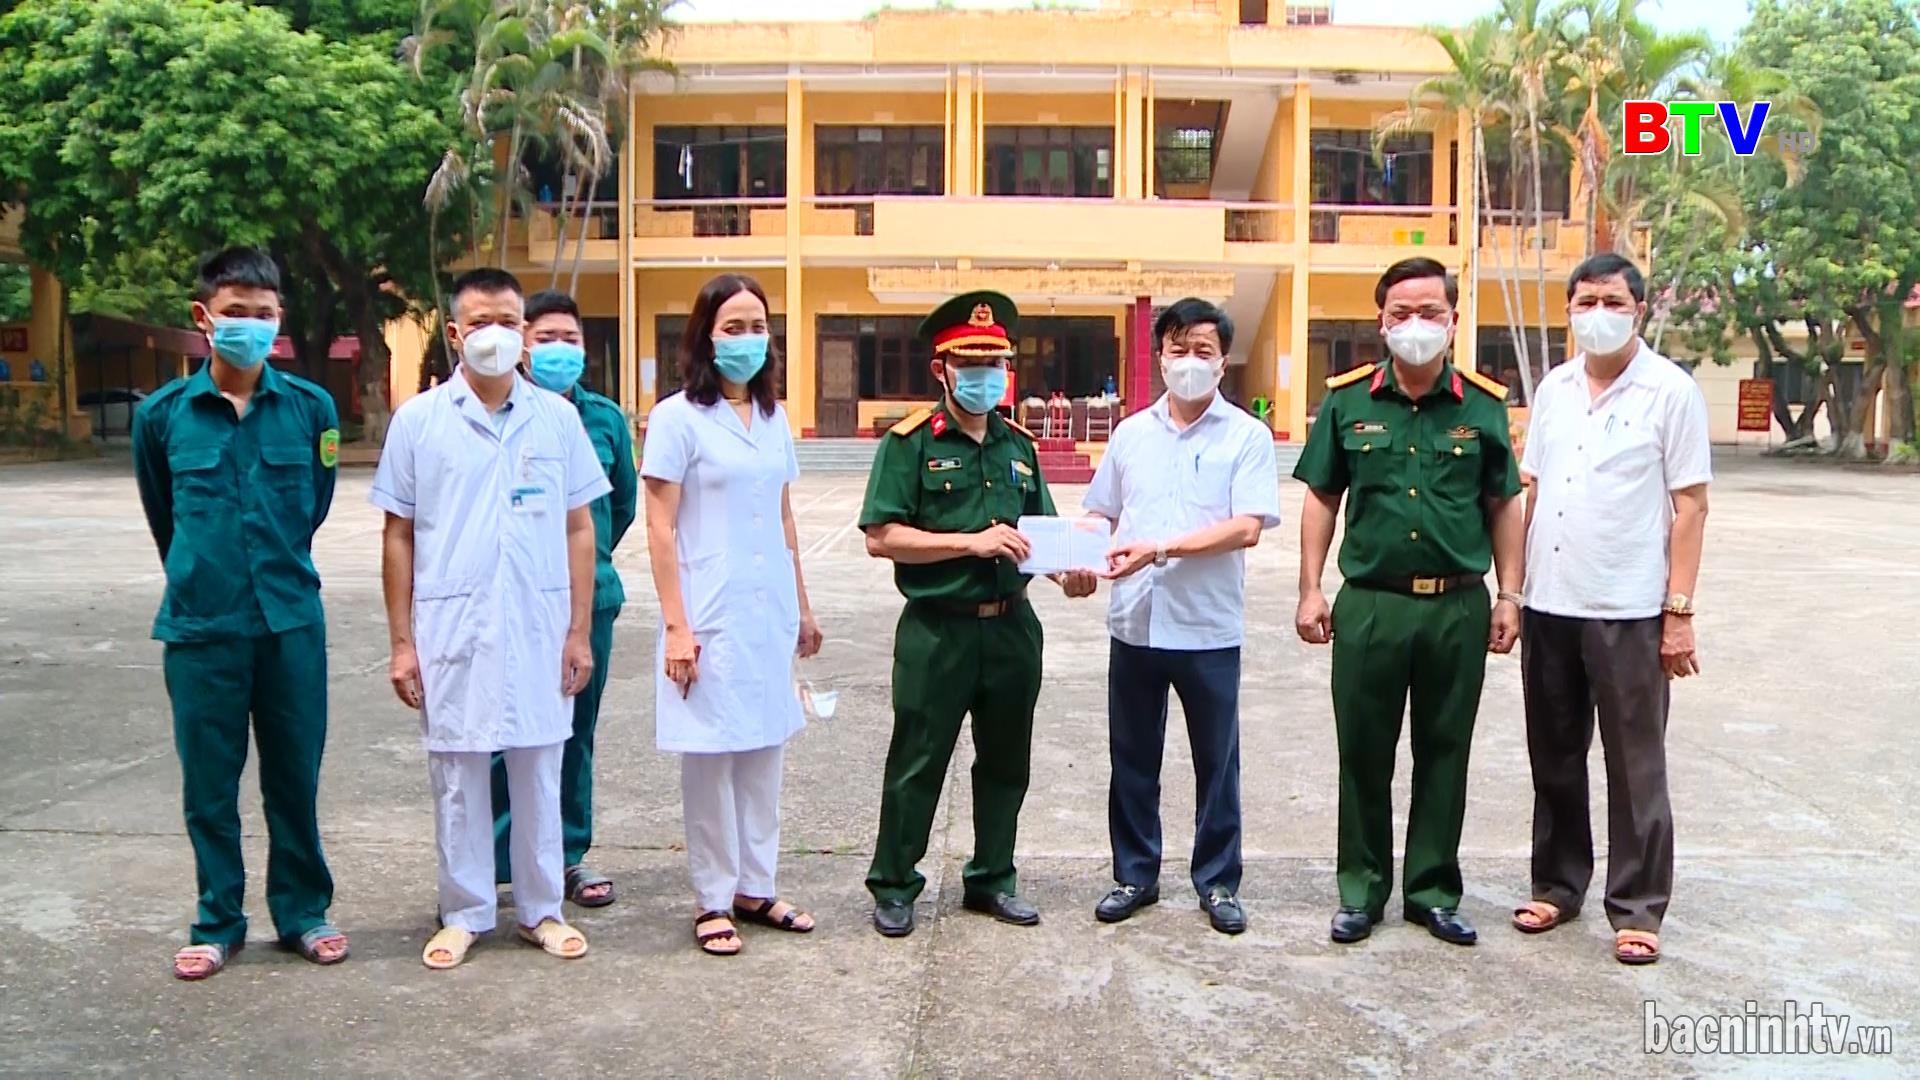 Thành phố Bắc Ninh kiểm tra khu cách ly tập trung các công dân trở về  địa phương từ thành phố Hồ Chí Minh